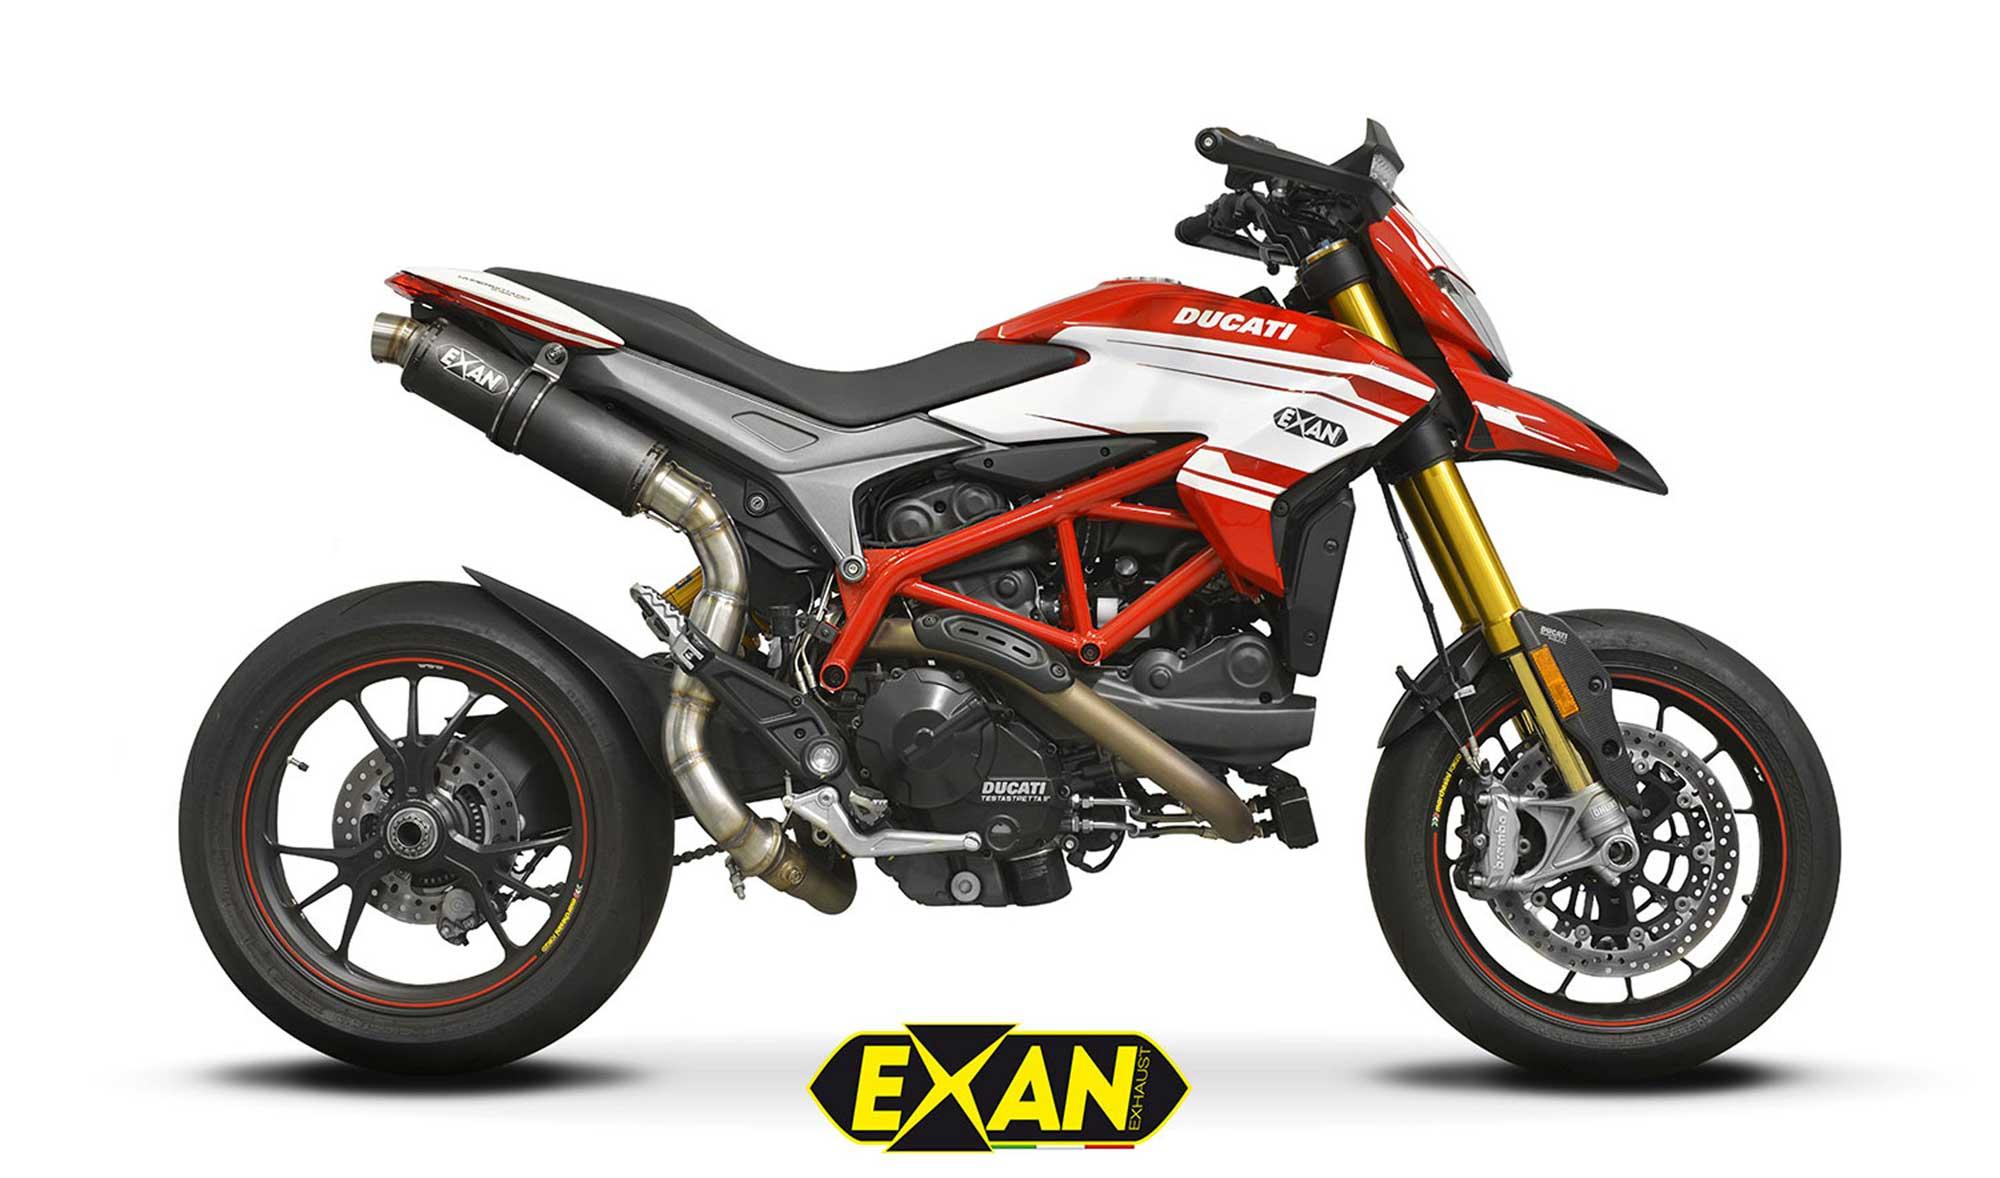 Scarichi Exan per la Ducati Hypermotard 939 e Hyperstrada 939